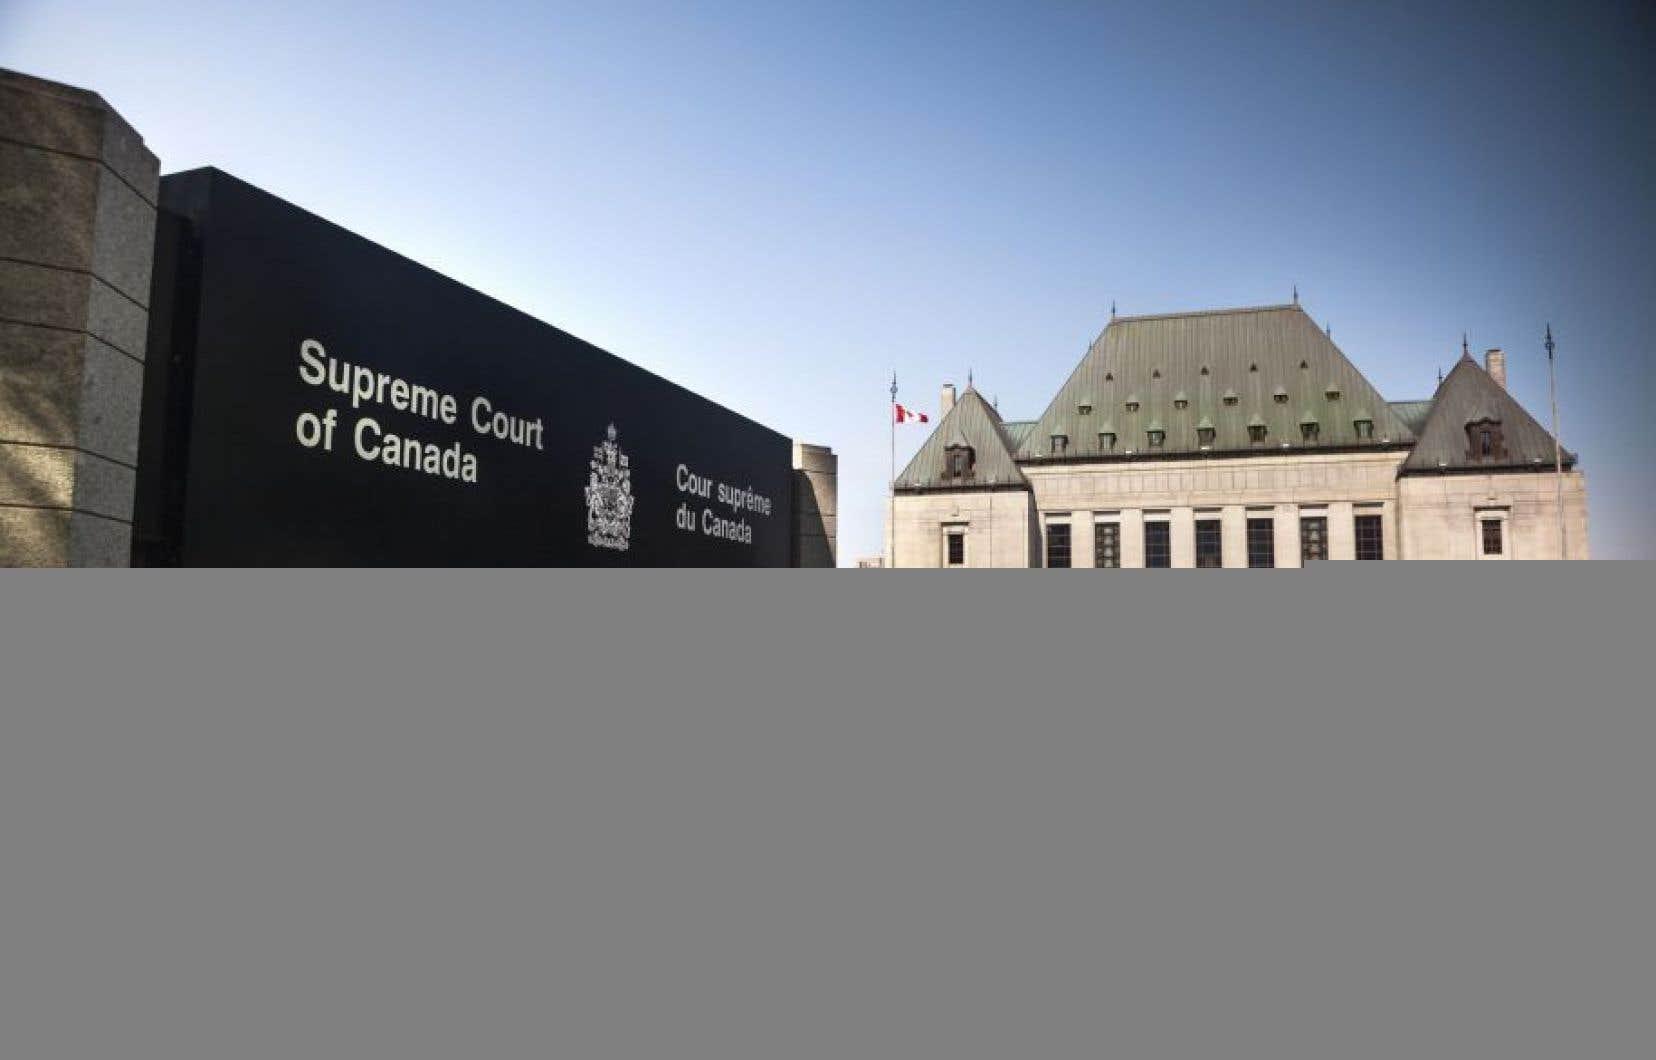 Il est faux de dire que la Cour suprême a statué sur la maternité de l'oeuvre et confirmé le coautorat de Mmes Desputeaux et l'Heureux parce que la cour s'est «interdit l'examen du fond du différend».